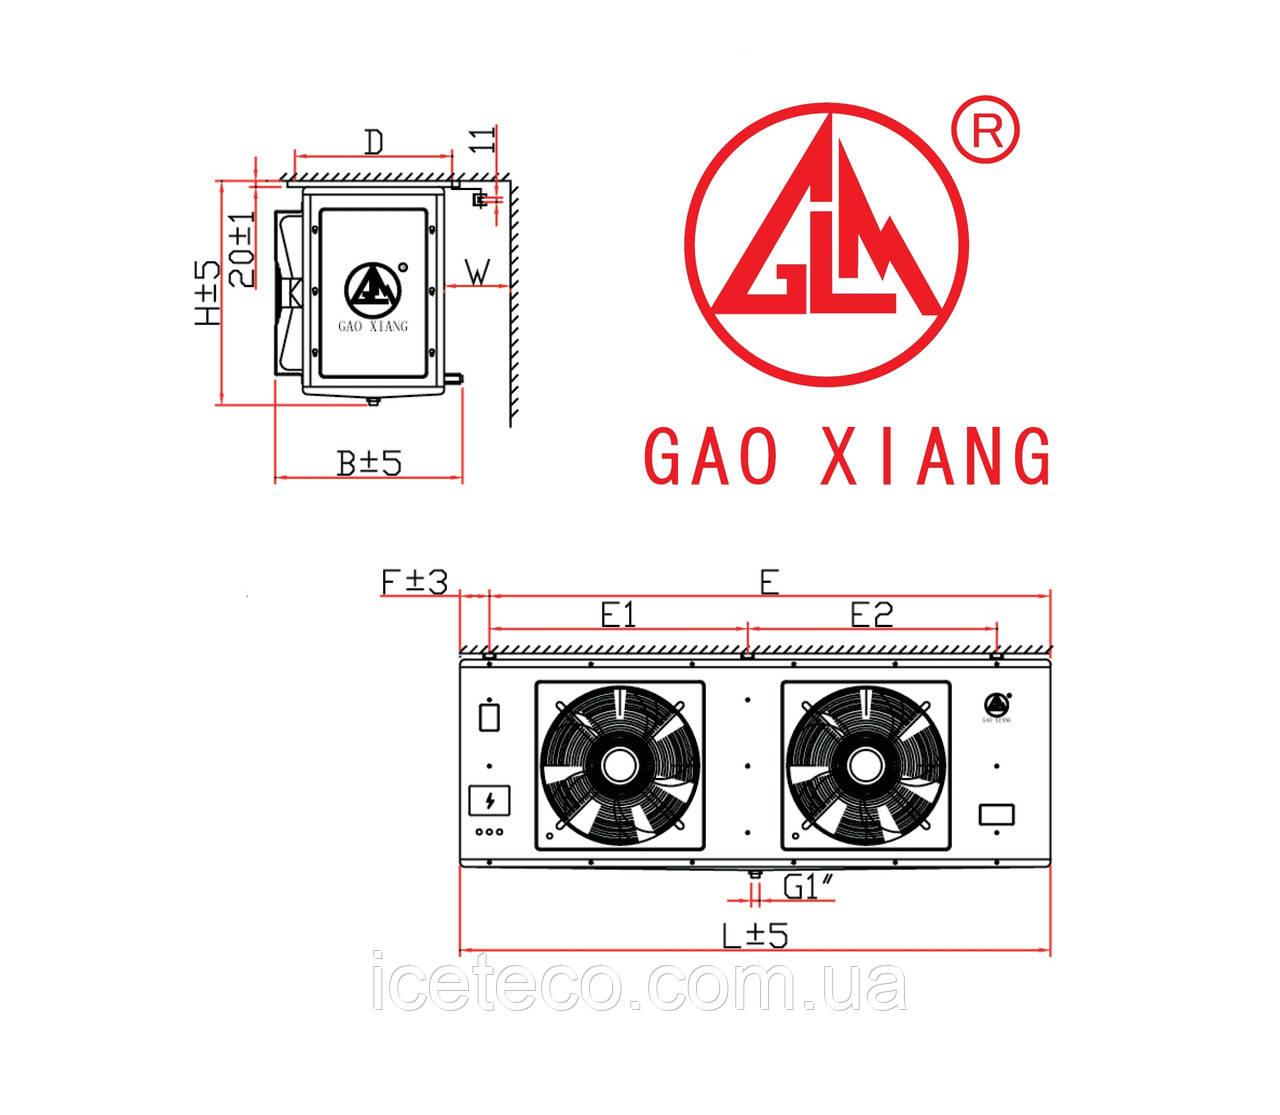 Воздухоохладитель DD-2.1/12 кубический Gaoxiang